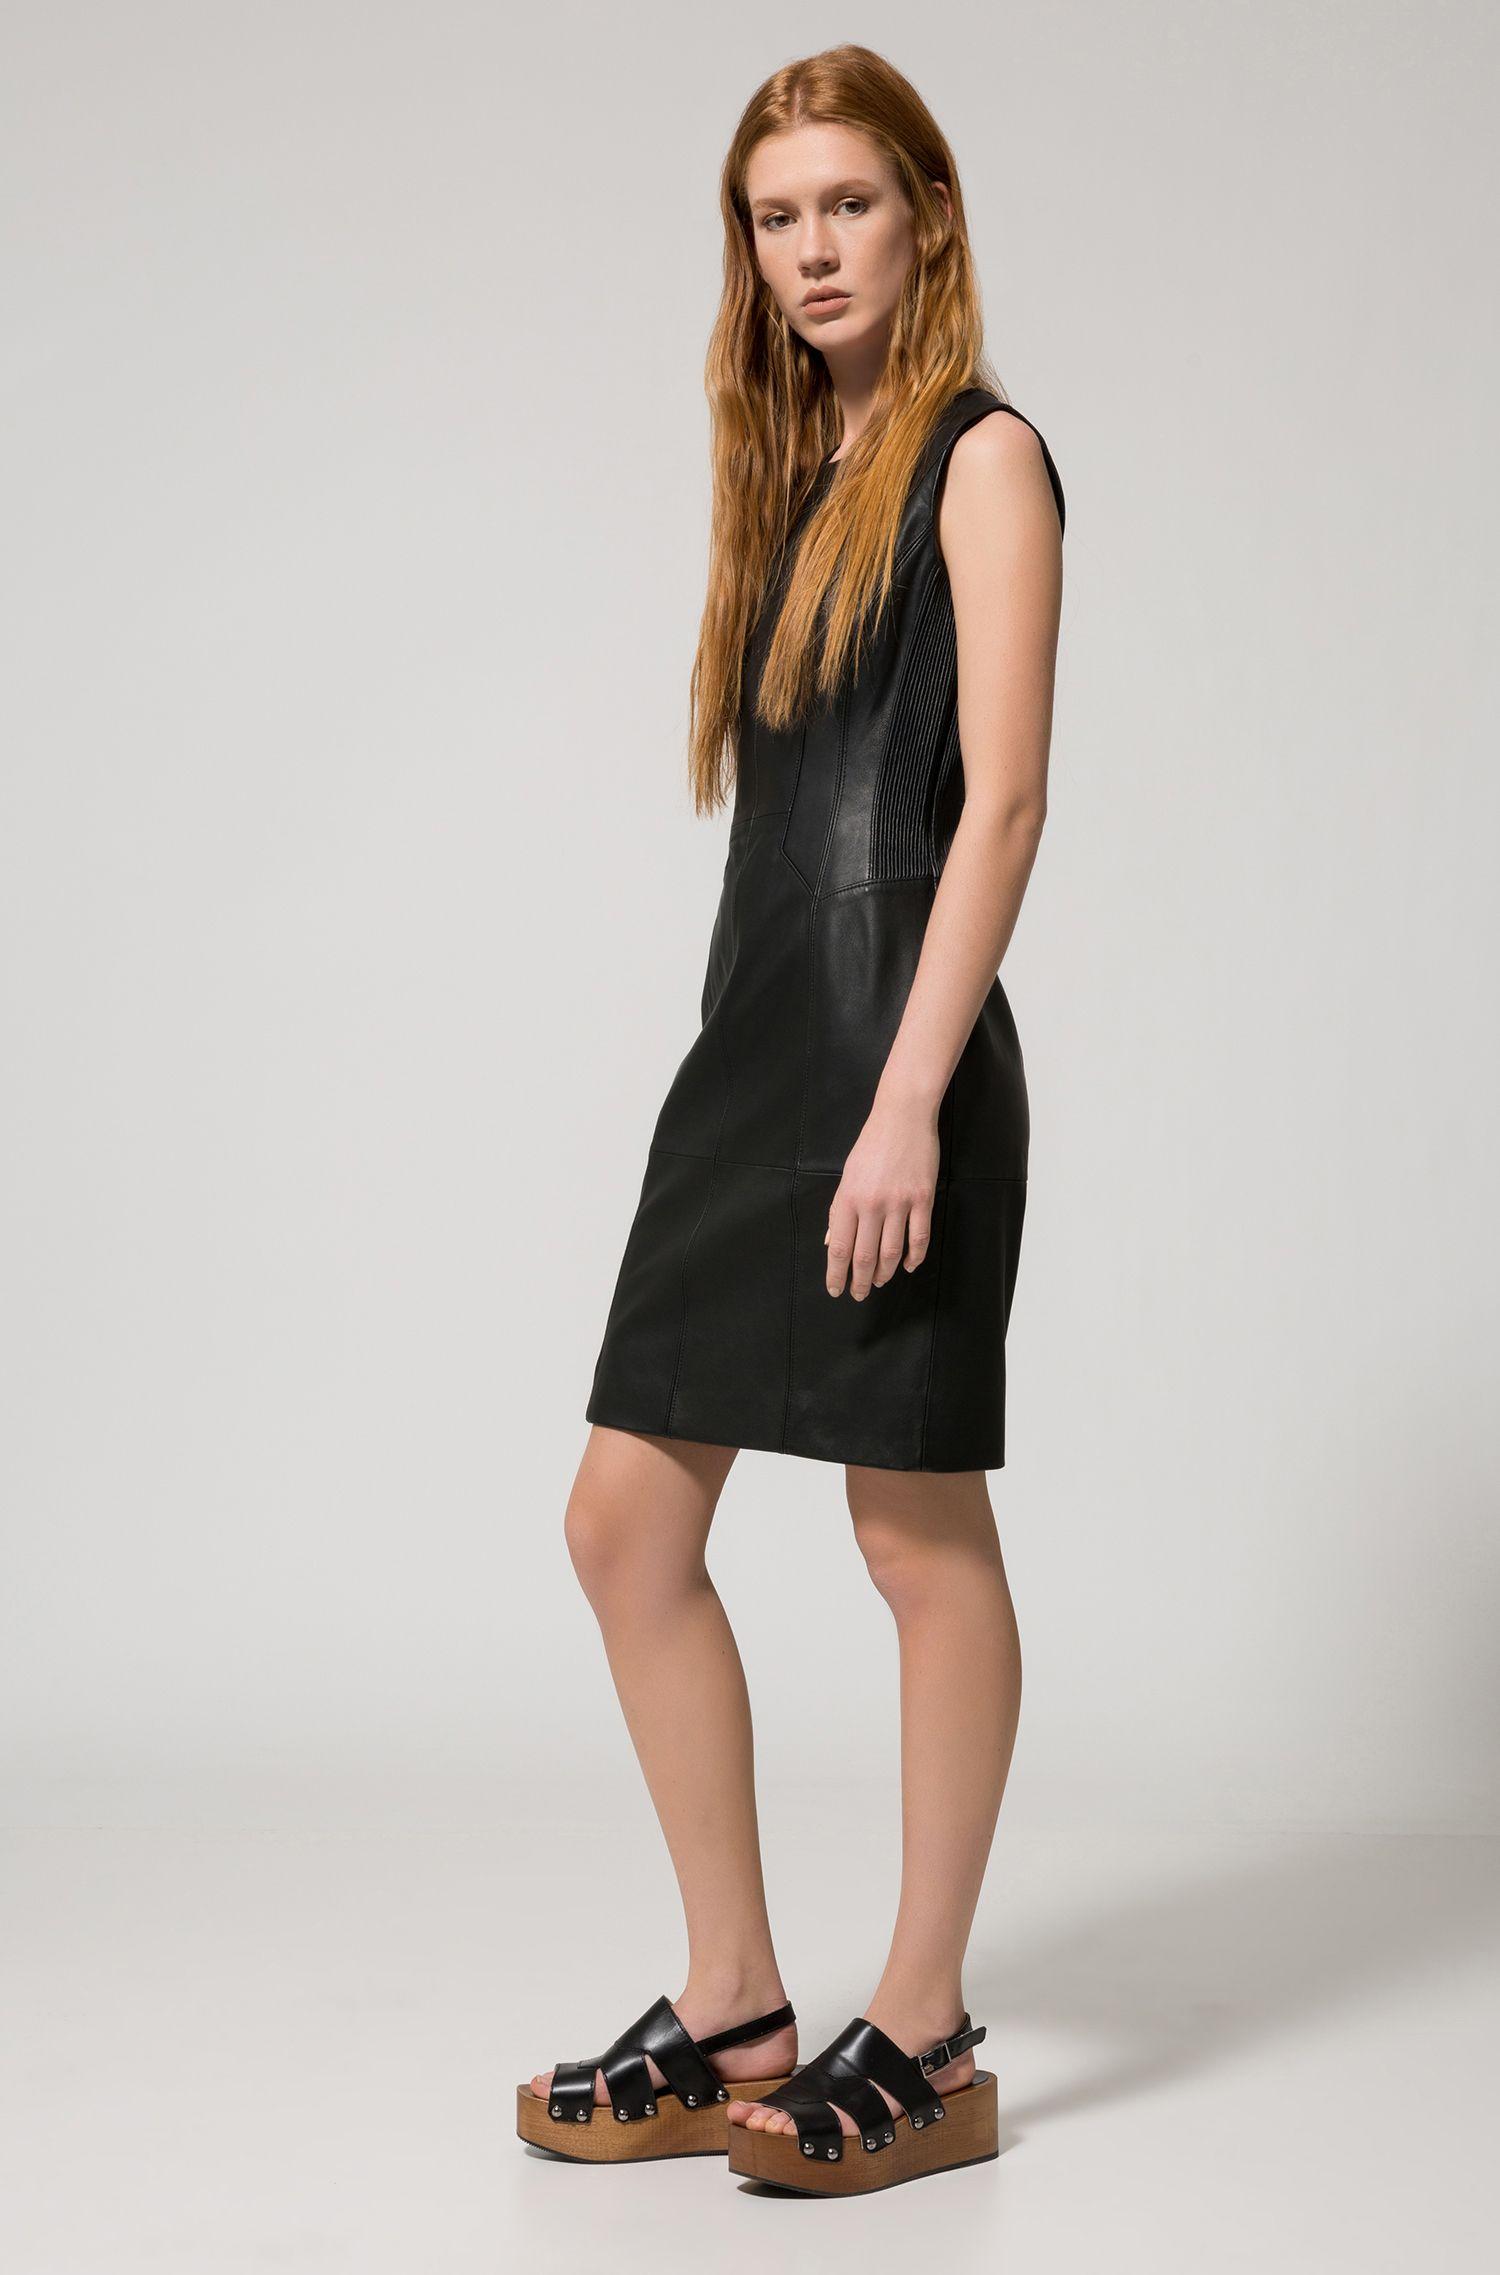 Vestido con detalles plisados en piel de napa de cordero